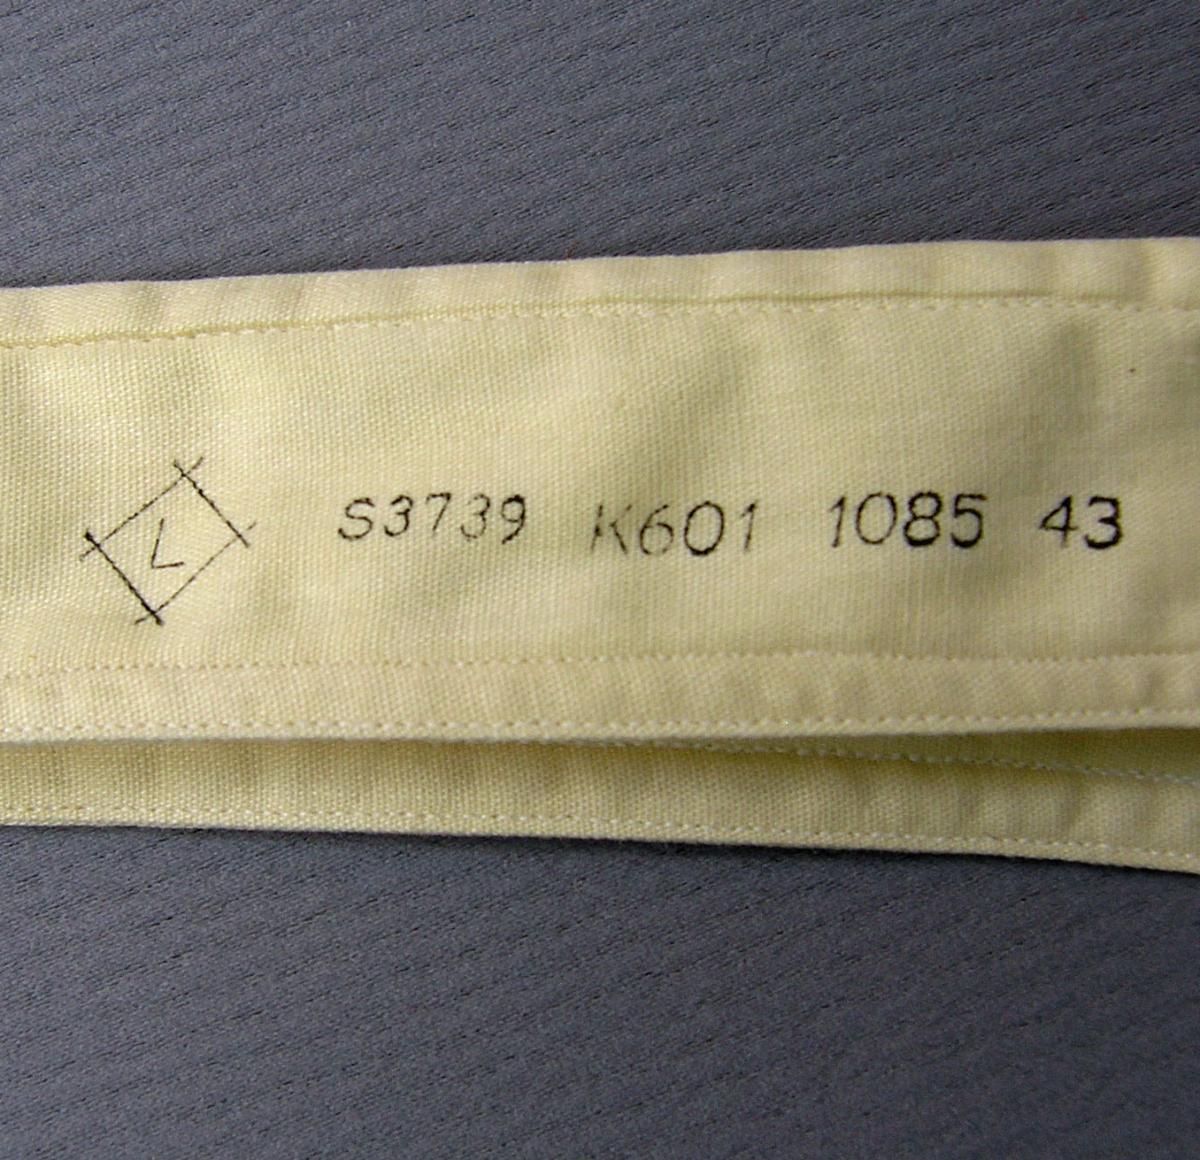 SLM12543-10c.jpg